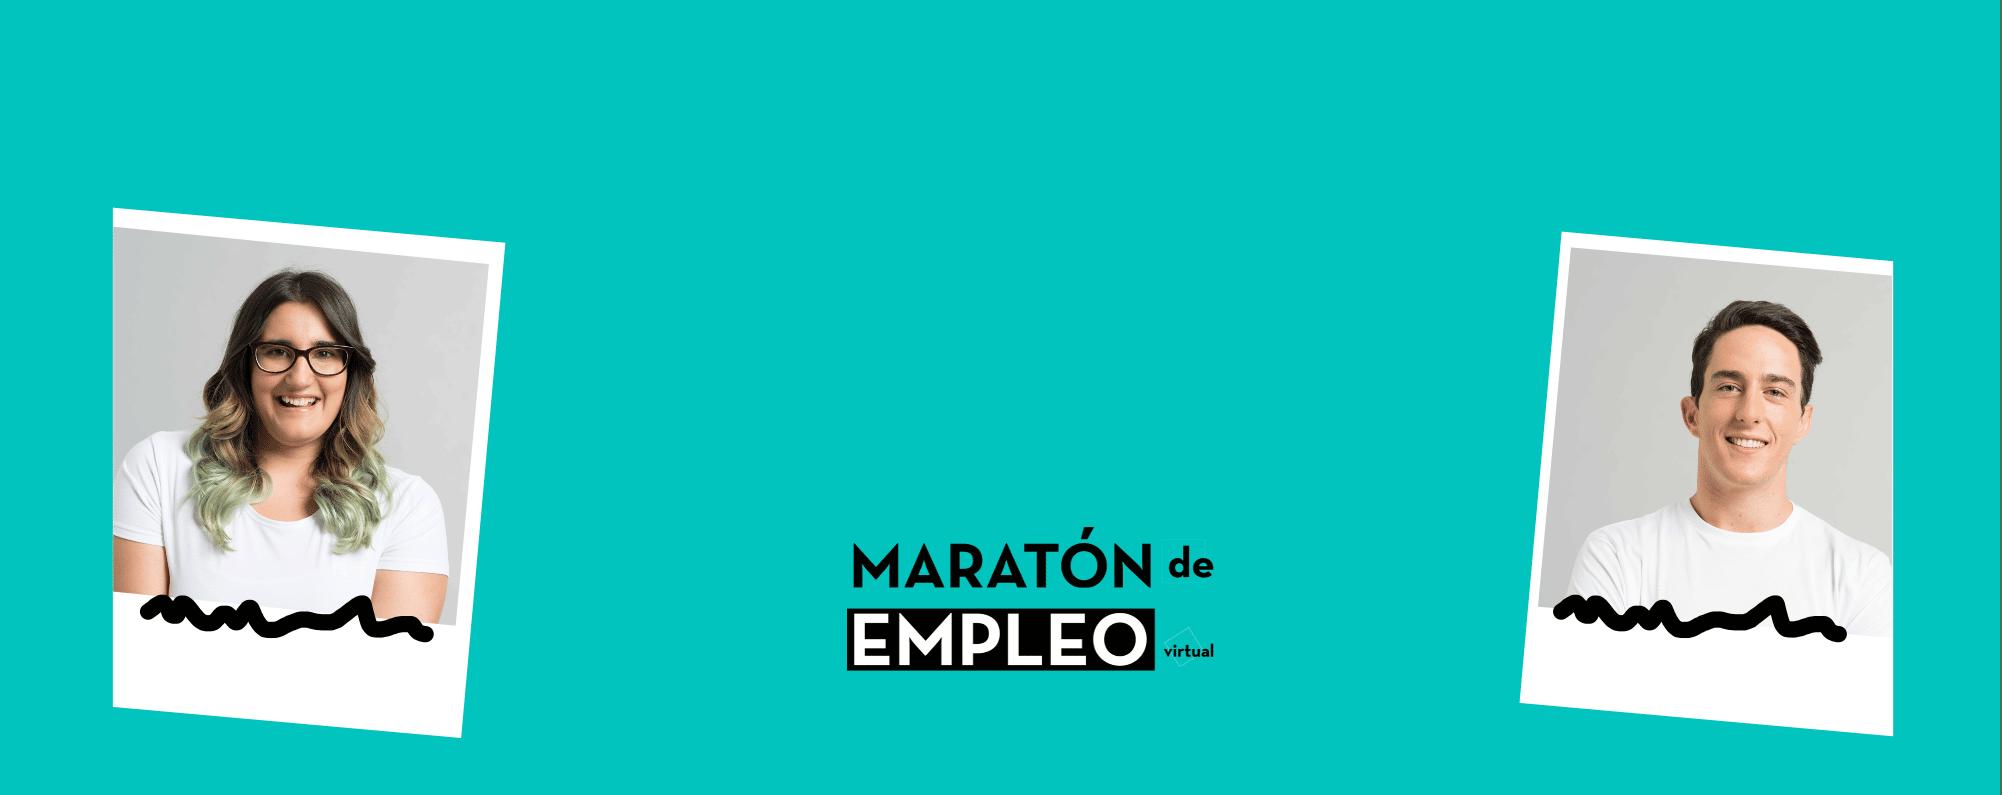 Maratón de empleo